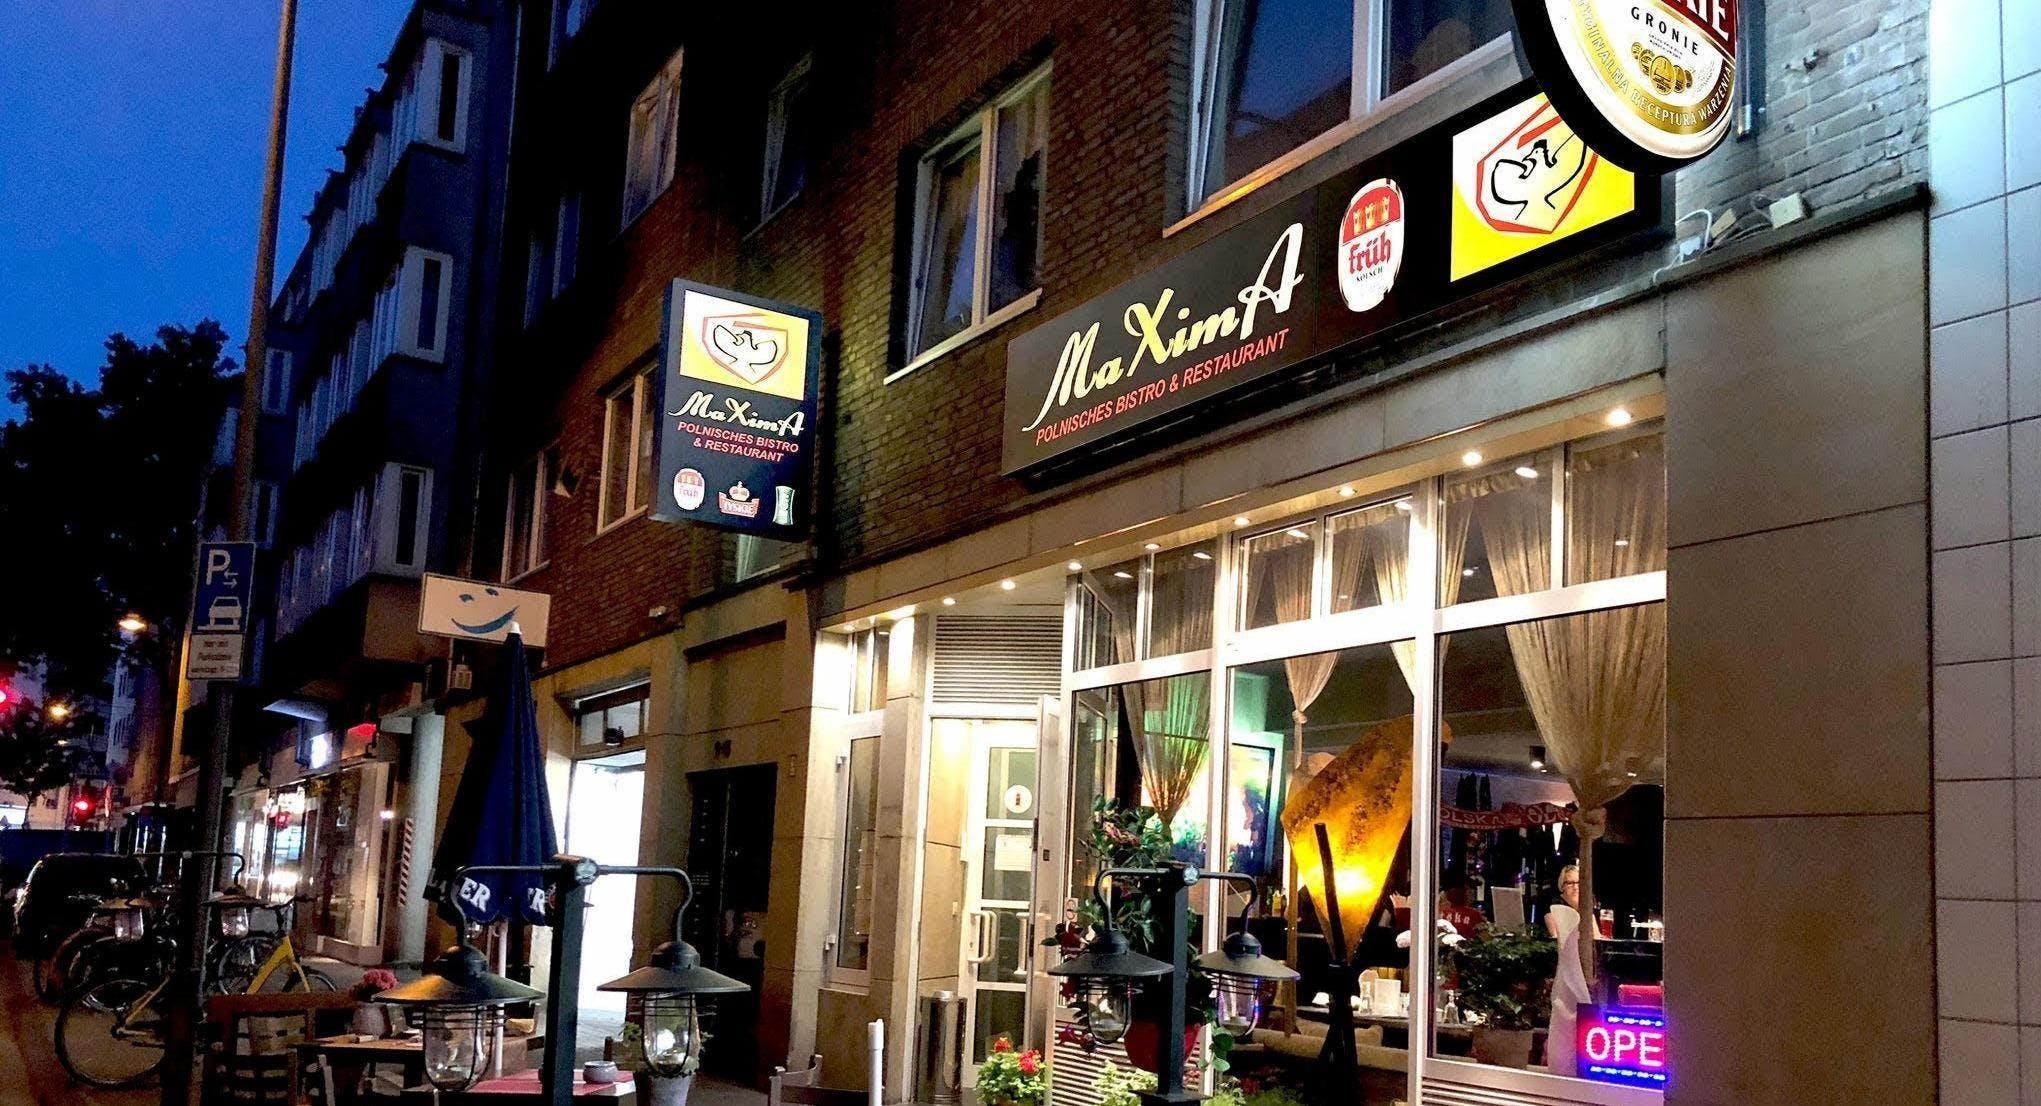 MaXimA Polnisches Bistro & Restaurant Keulen image 1